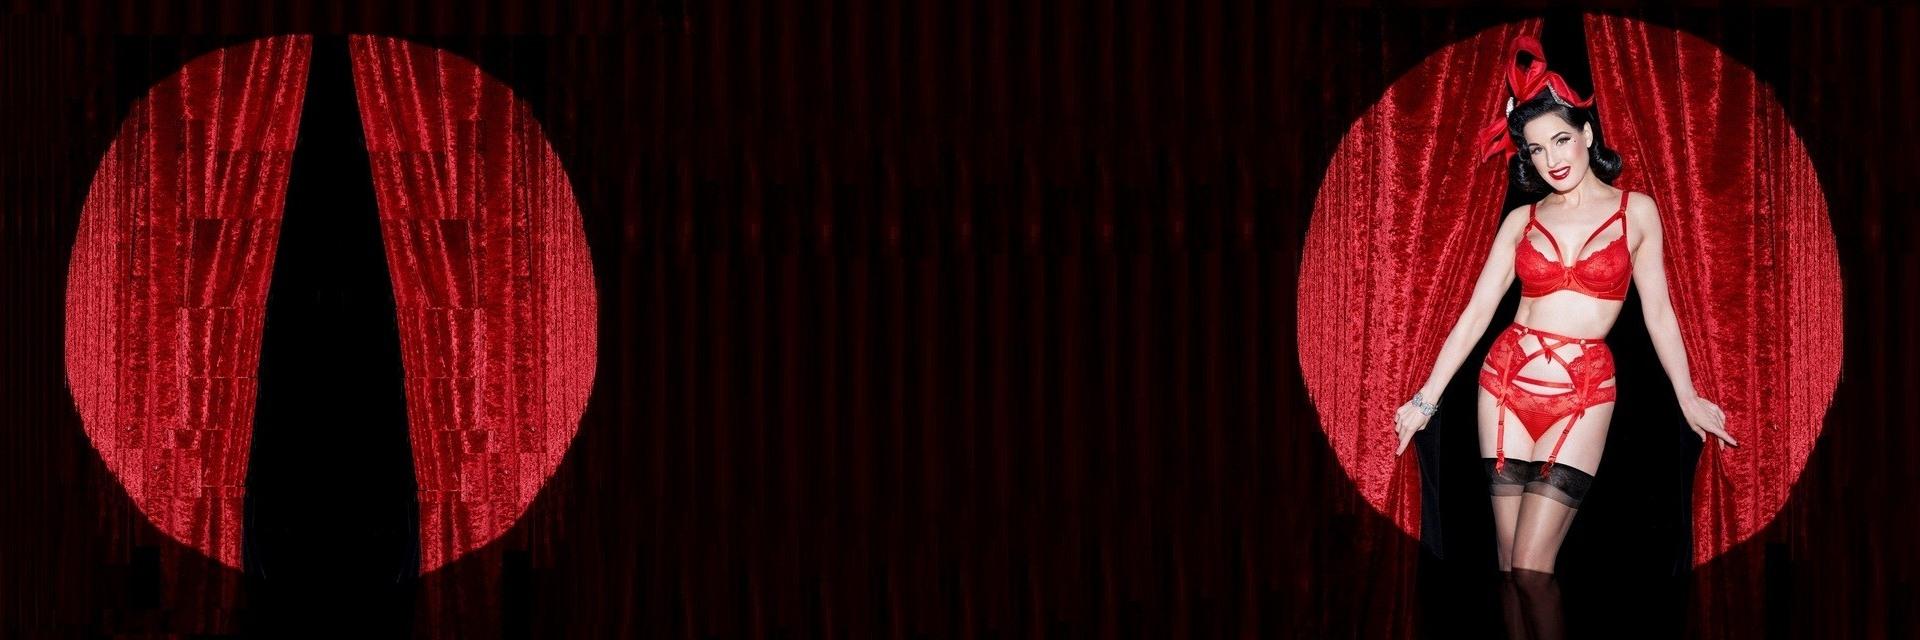 DVT Lingerie 438 Madame X Red 1920x640